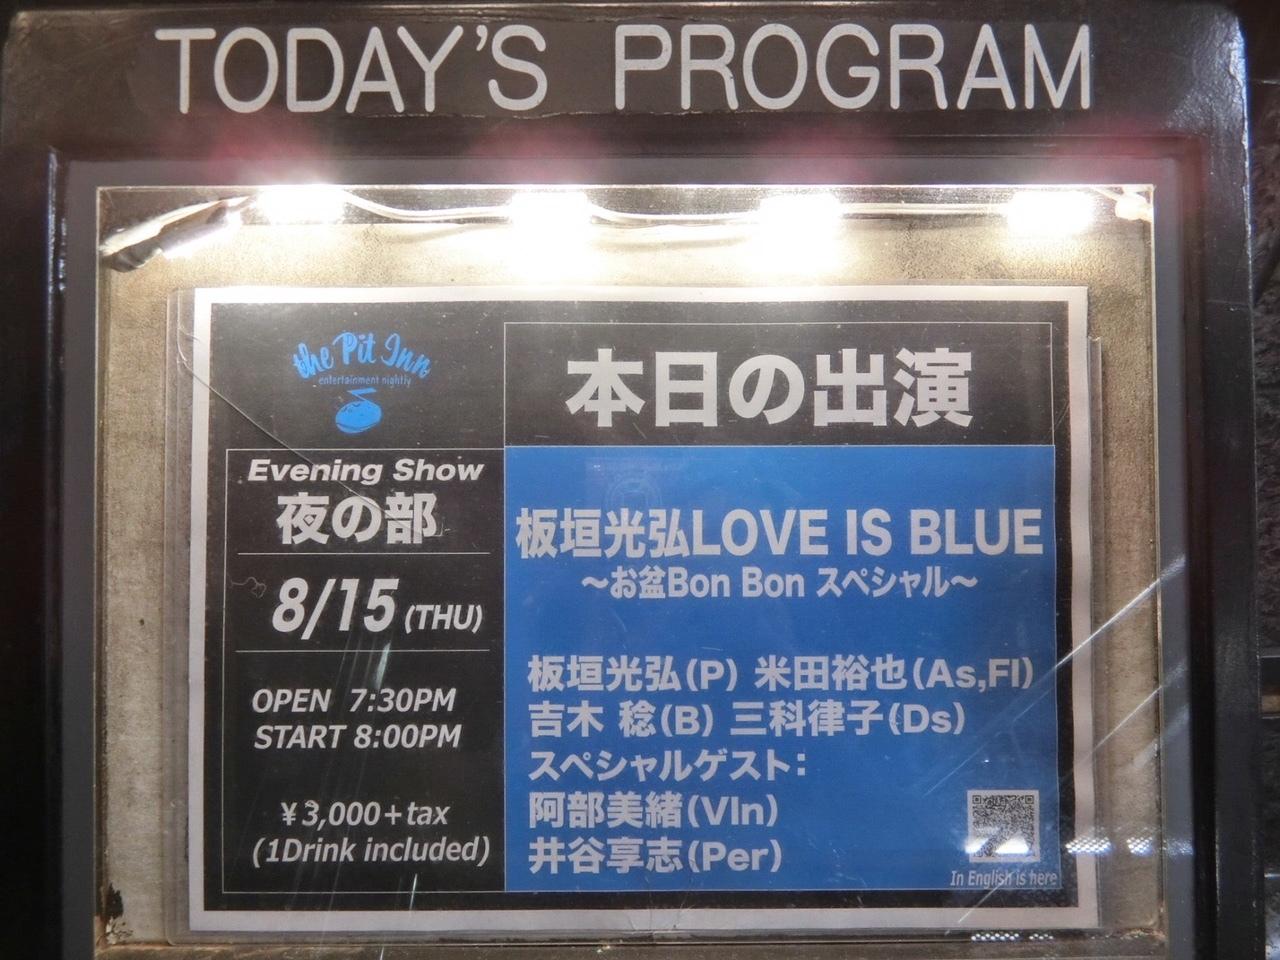 ありがとうございました。8/15(木)板垣光弘LOVE IS BLUE『お盆BonBonスペシャル』@新宿ピットイン_d0003502_08234552.jpg